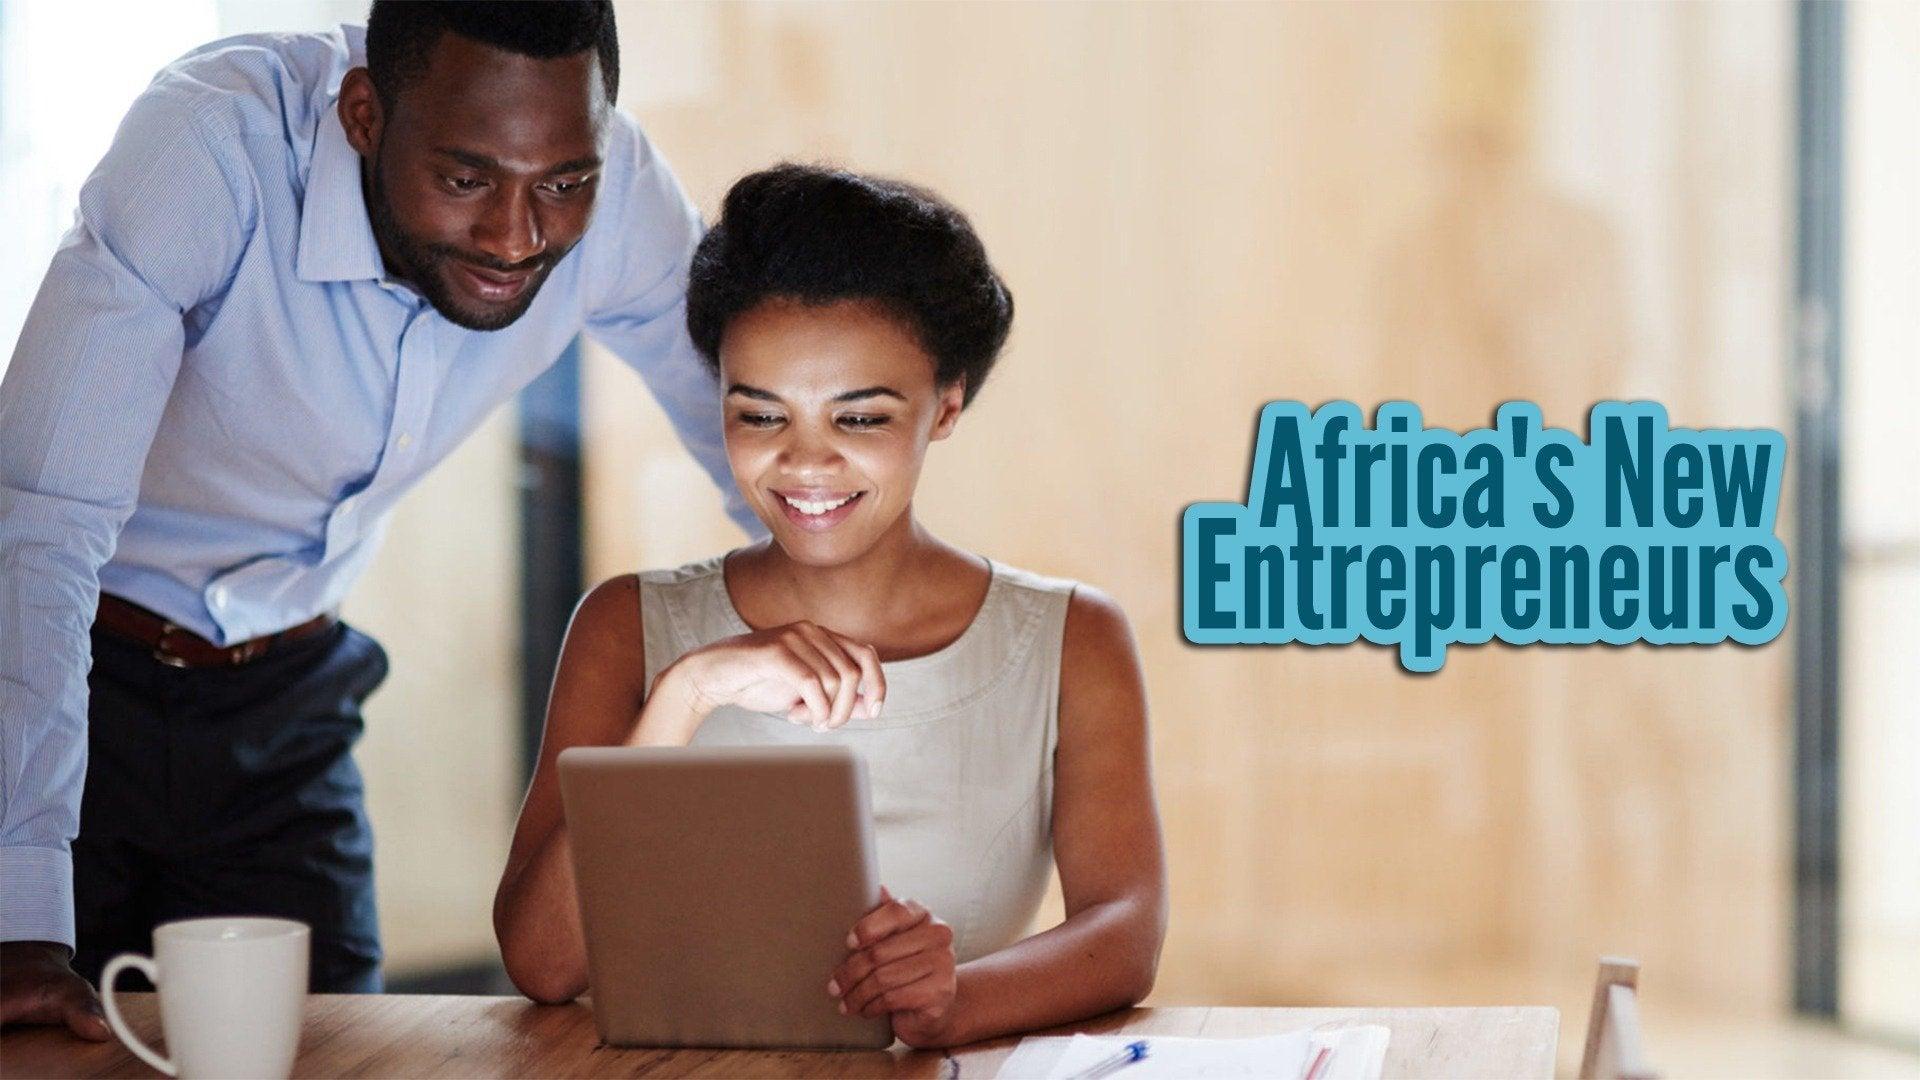 Africa's New Entrepreneurs